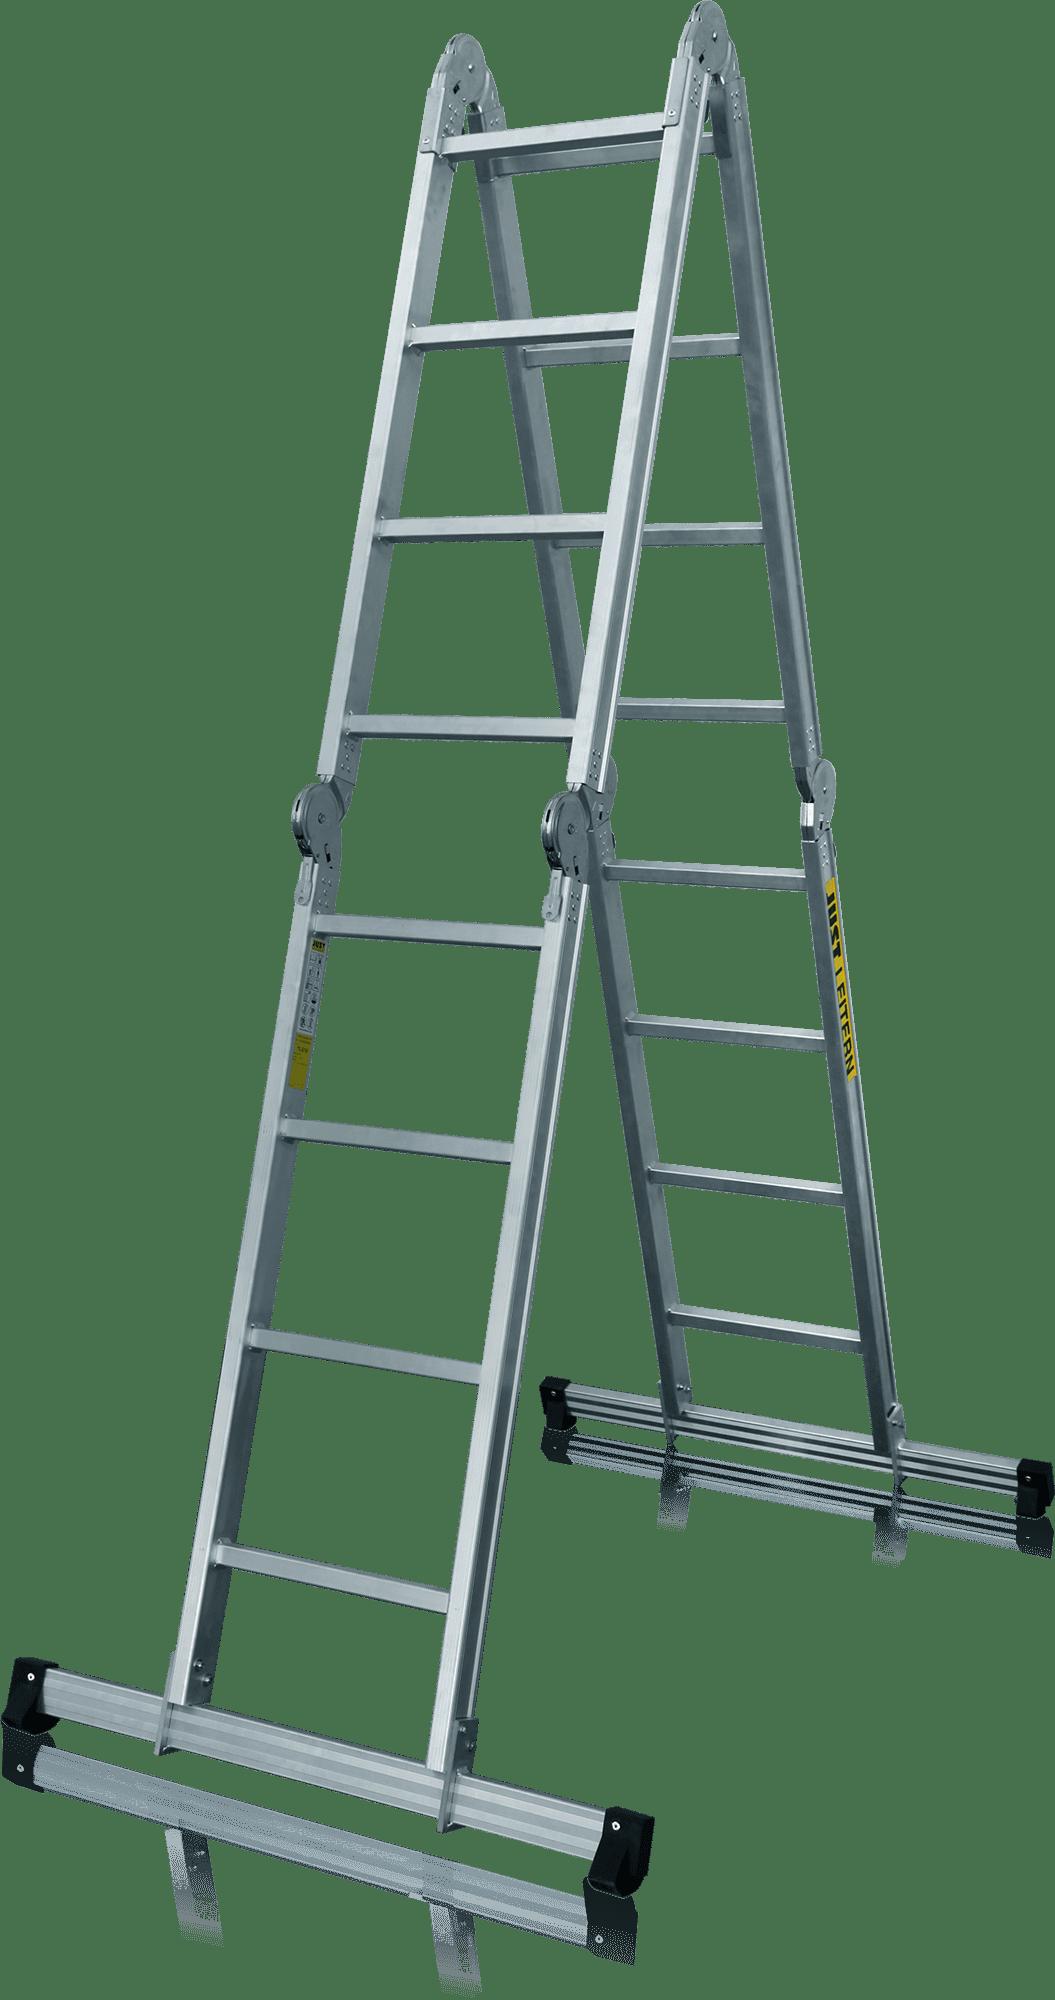 kĺbový rebrík mnohoúčelový profesionálny zváraný